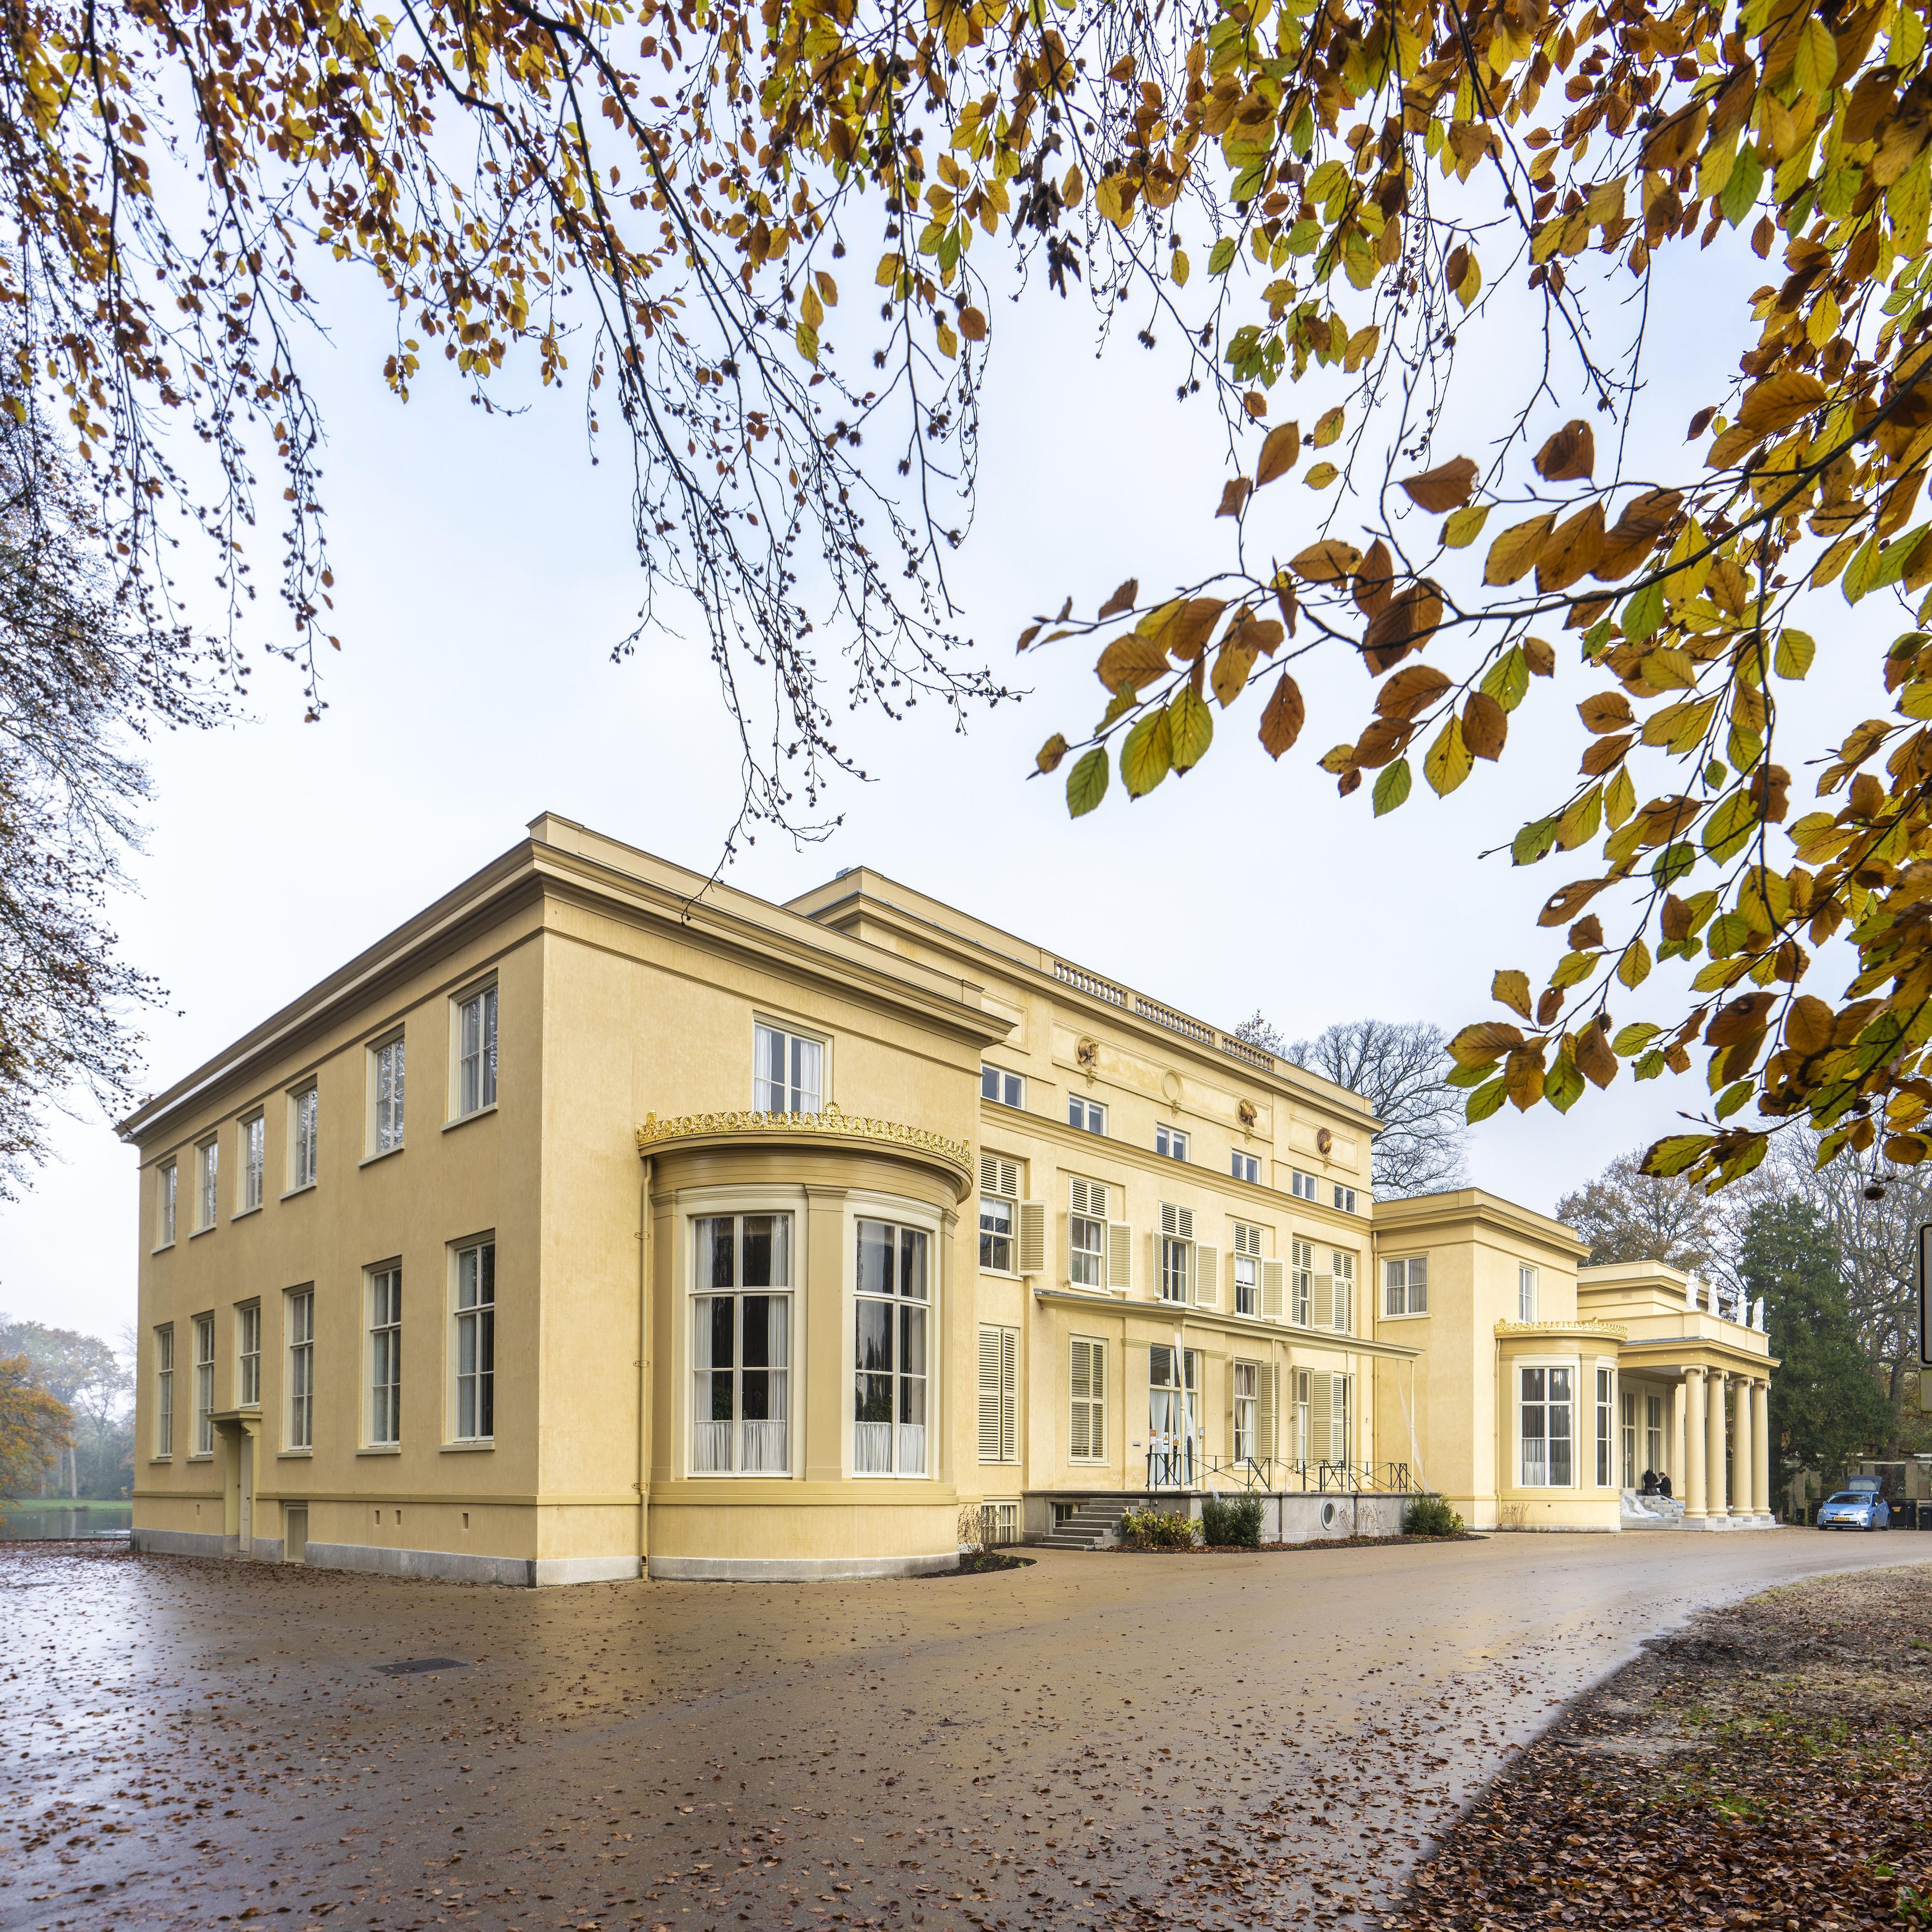 Restauratie Raadhuis de Paauw nu echt bijna klaar: 'Paauwfeest moet ergens volgend jaar wel mogelijk zijn'